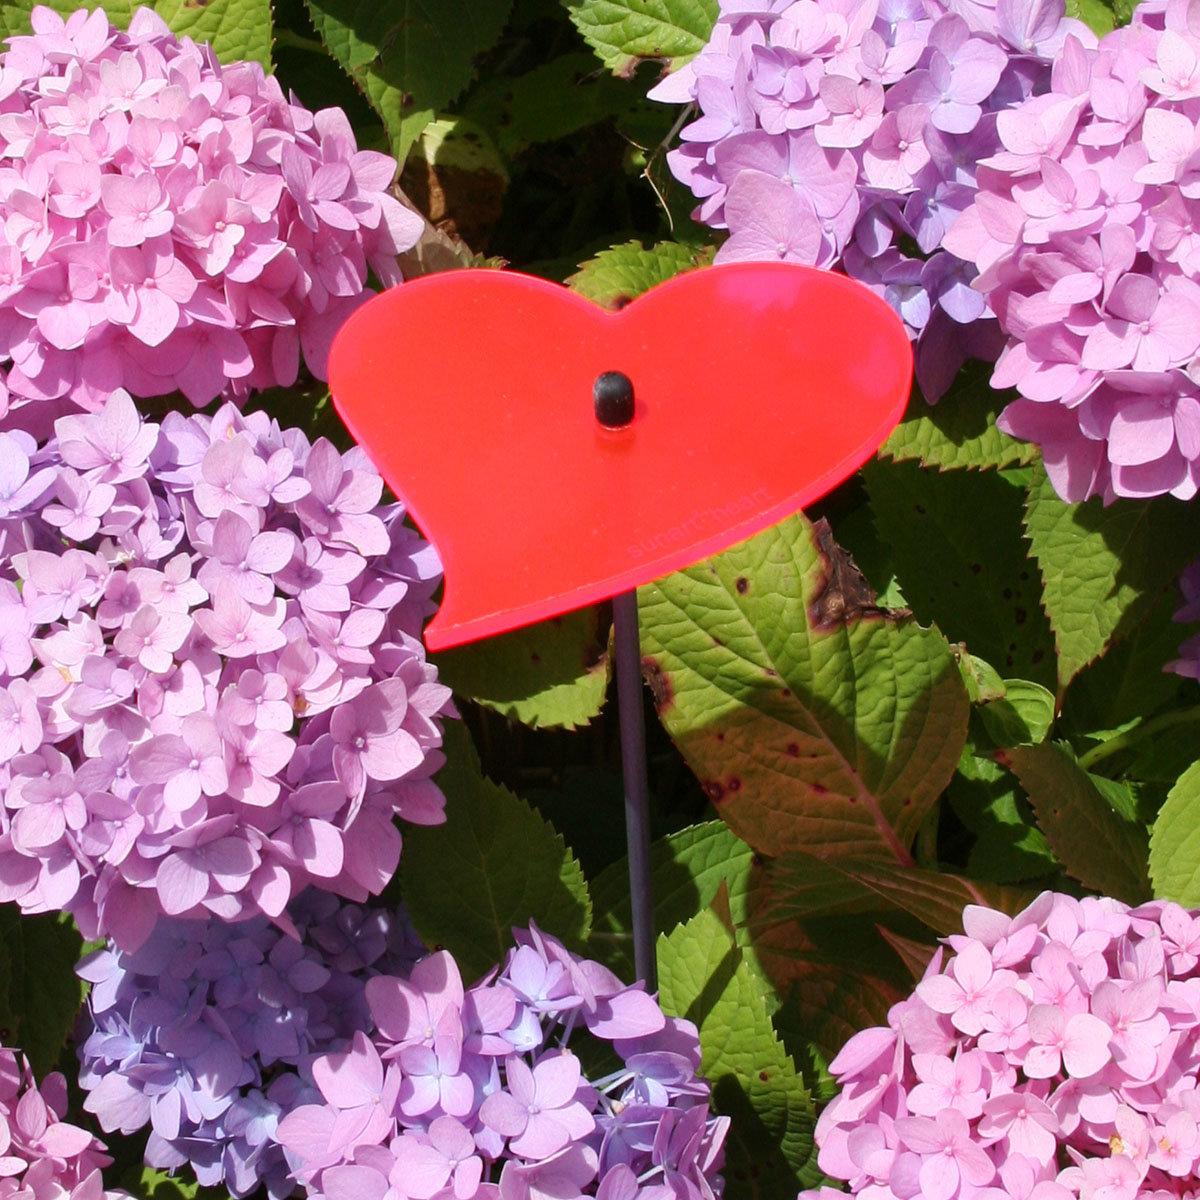 sunart® Acrylglas Lichtfänger Herz, rot